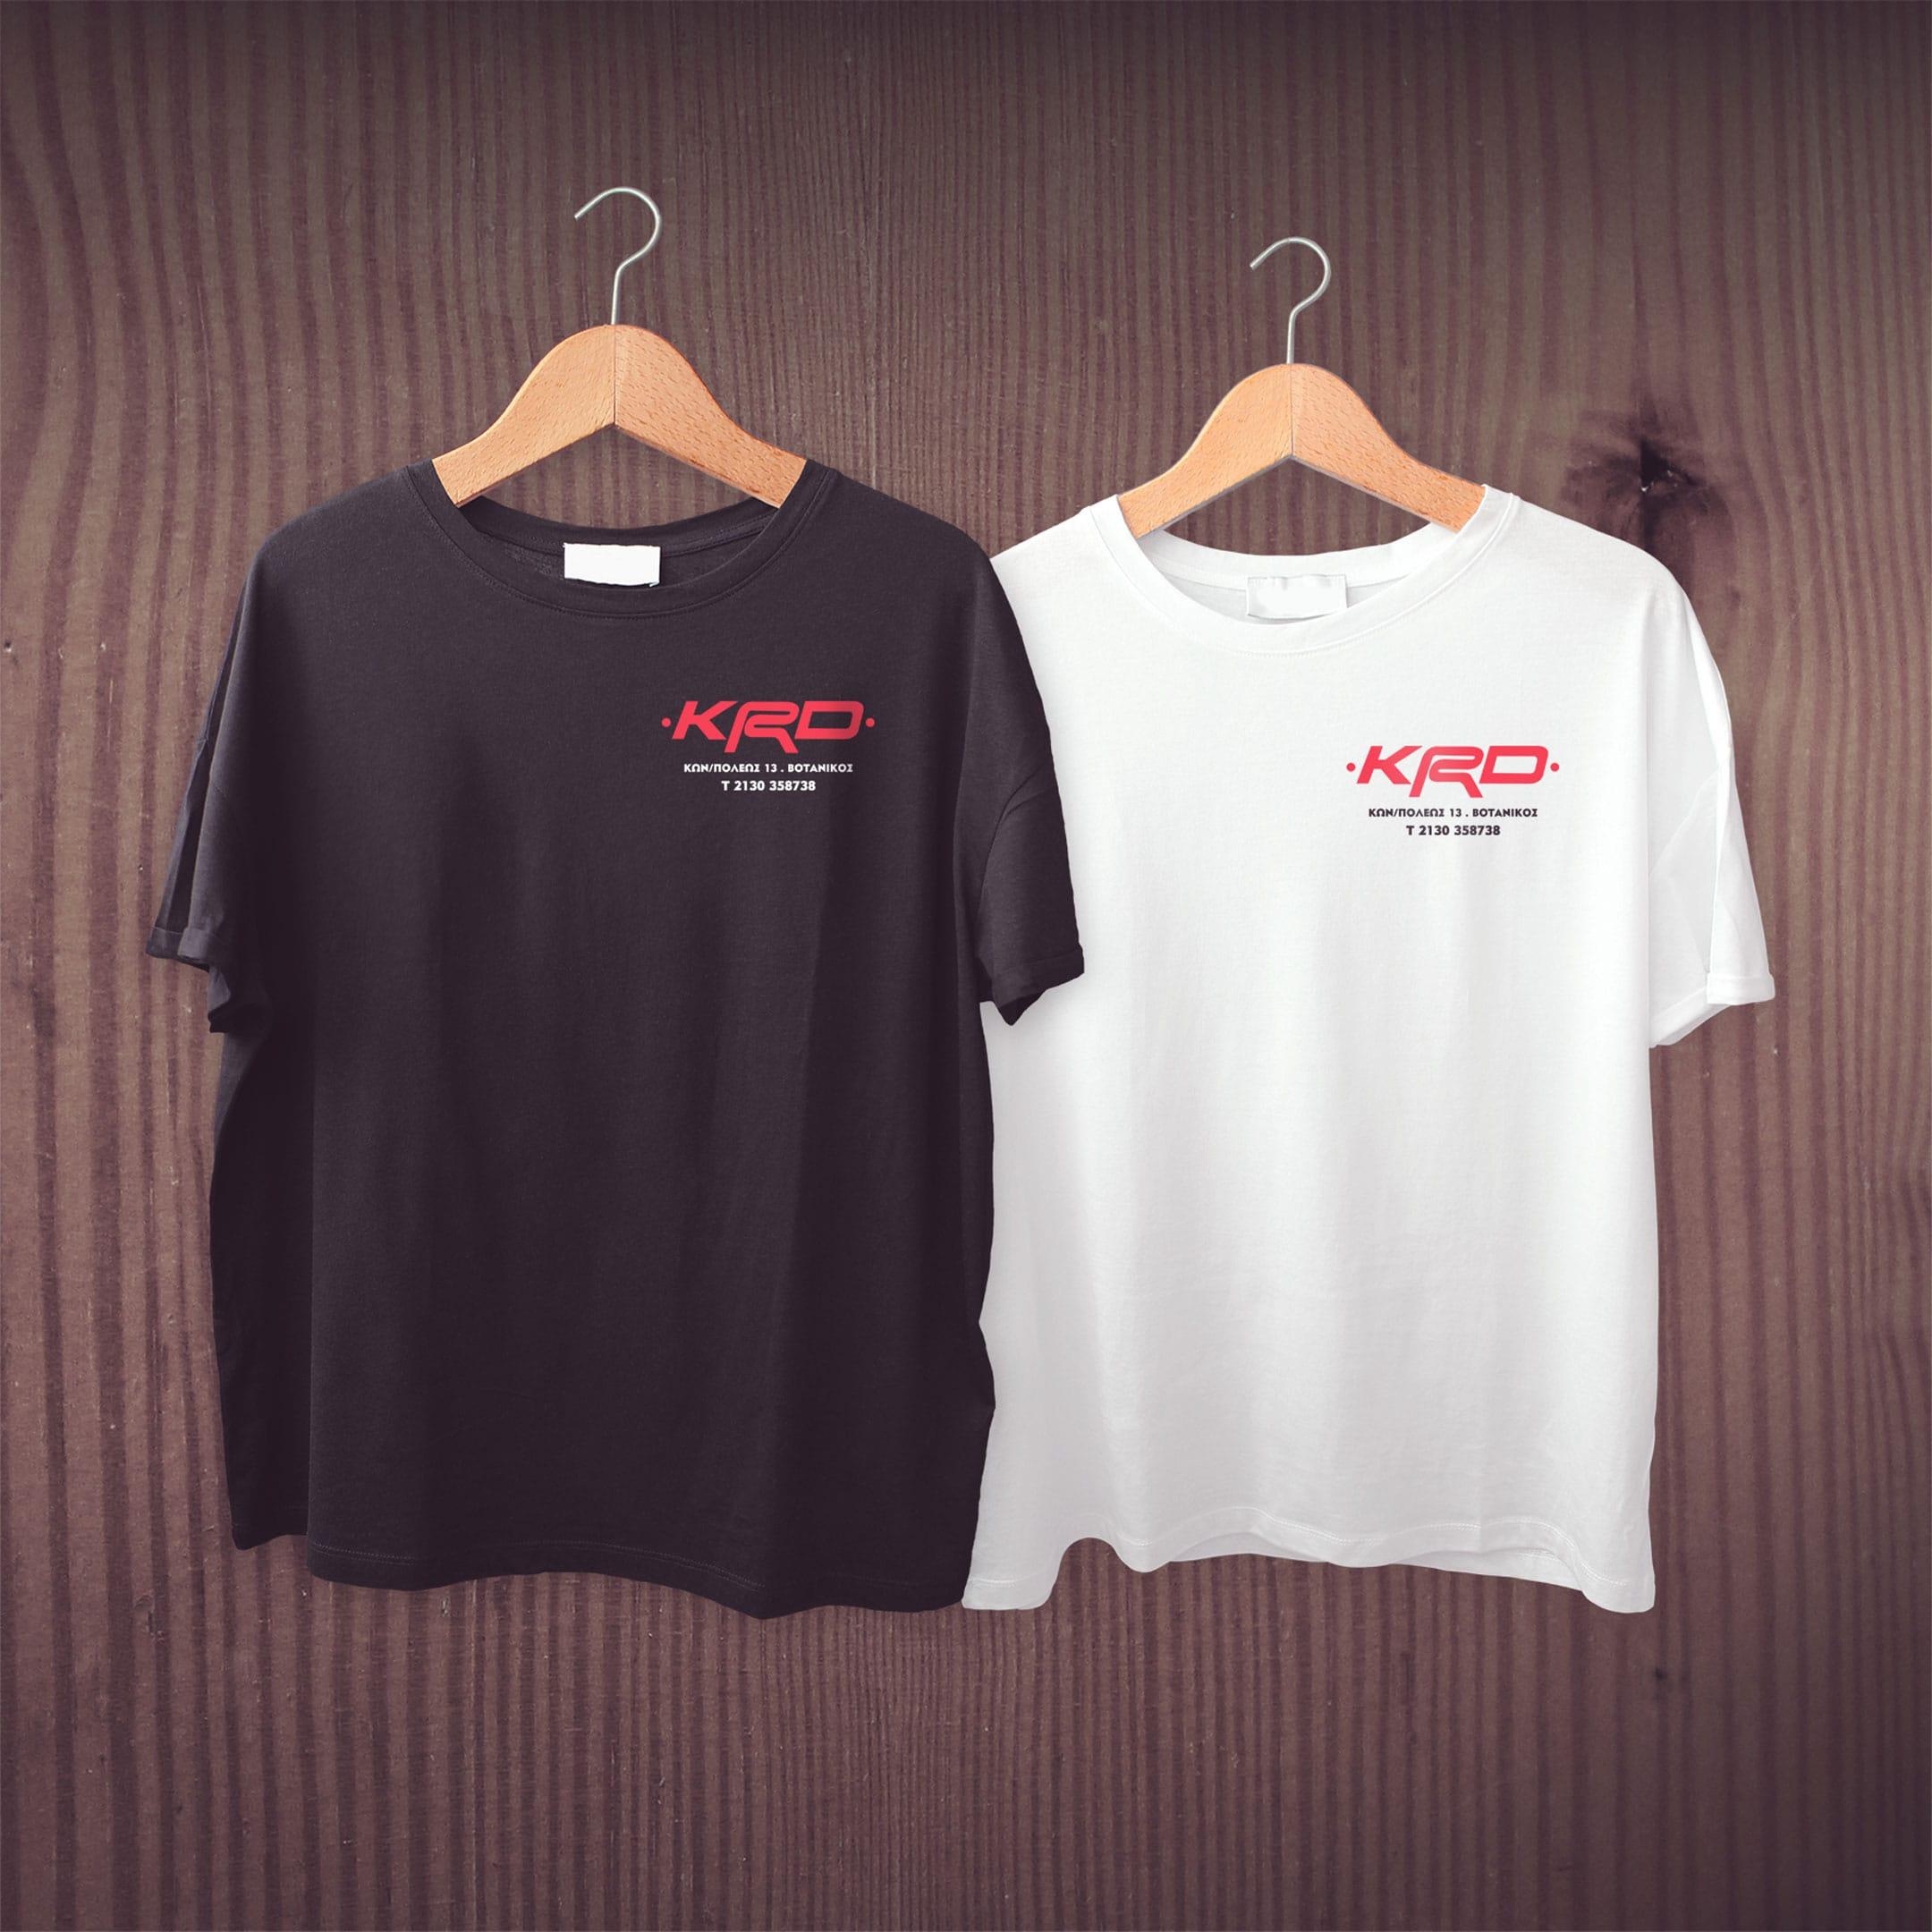 krd-t-shirt